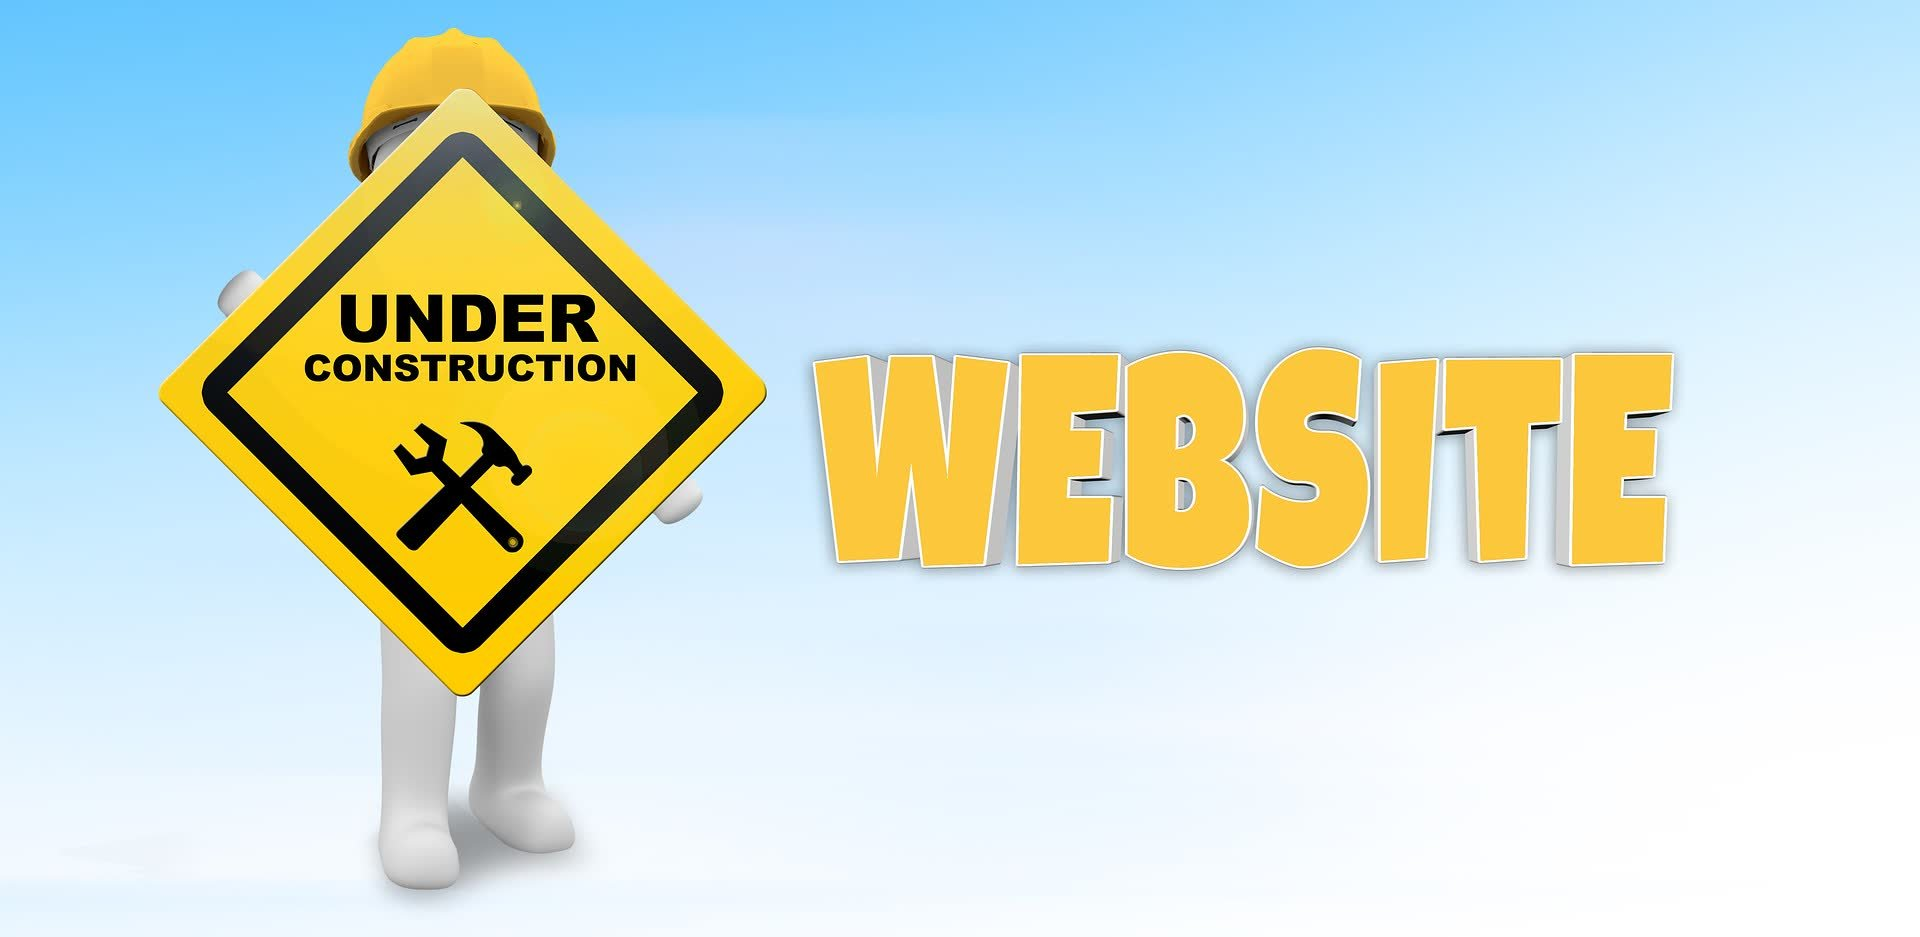 Foto che rappresenta un sito web in costruzione